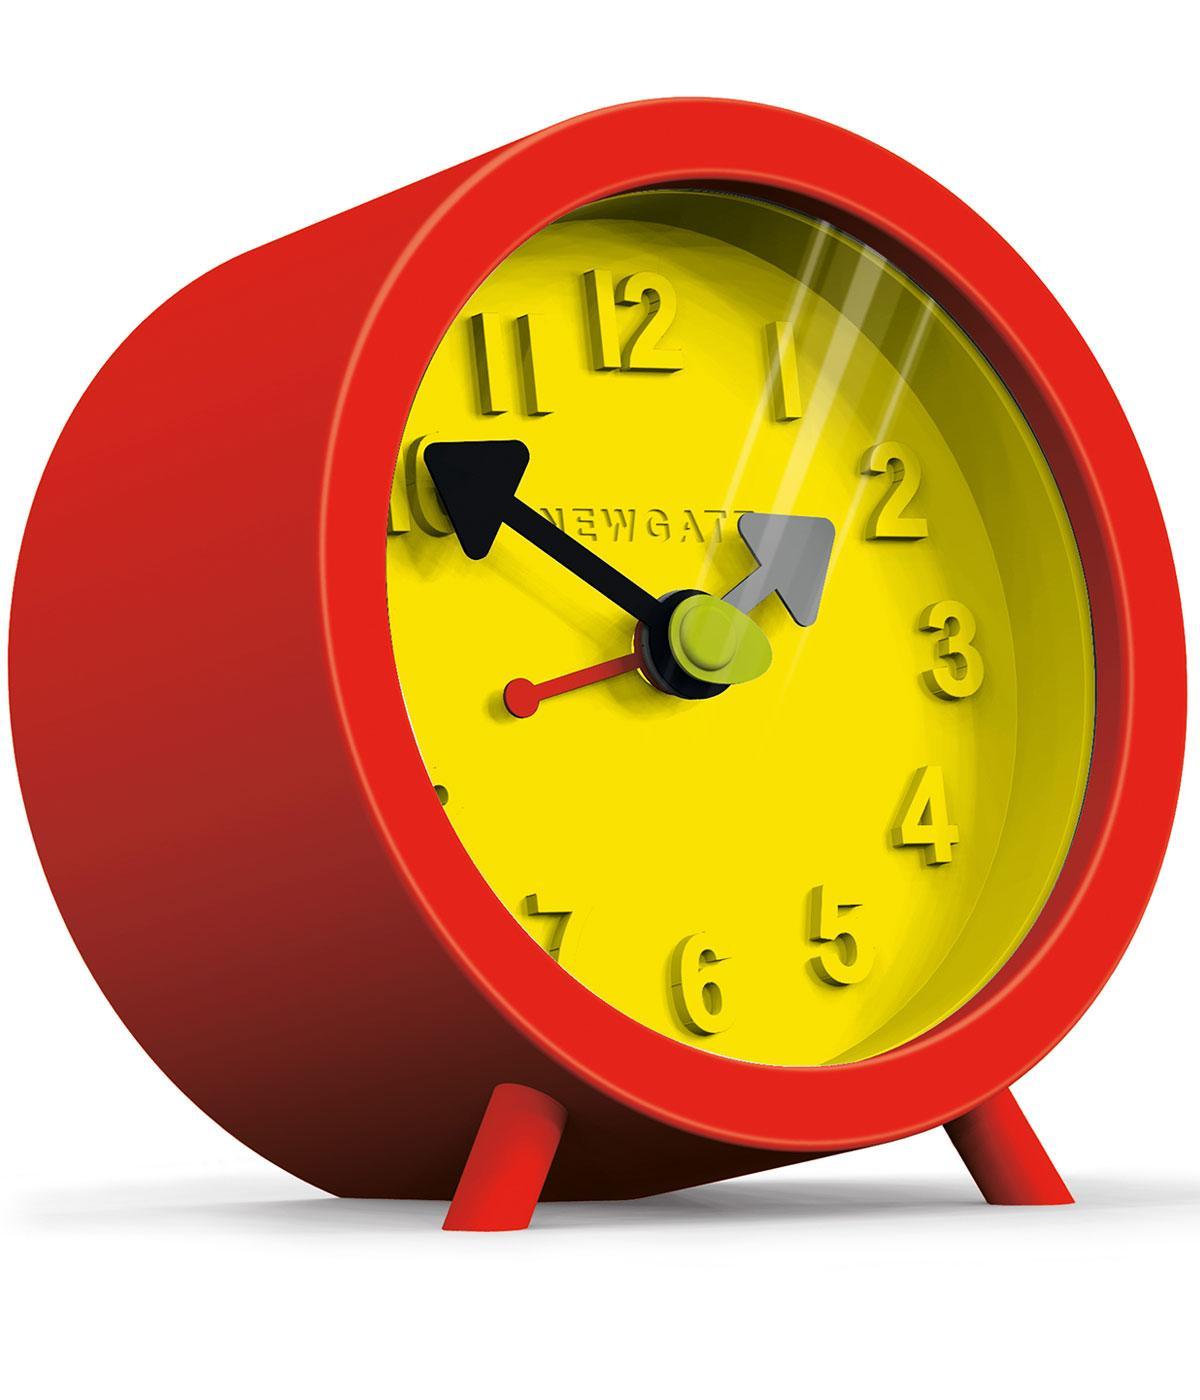 Fred NEWGATE Retro 1960s Mod Barrel Alarm Clock